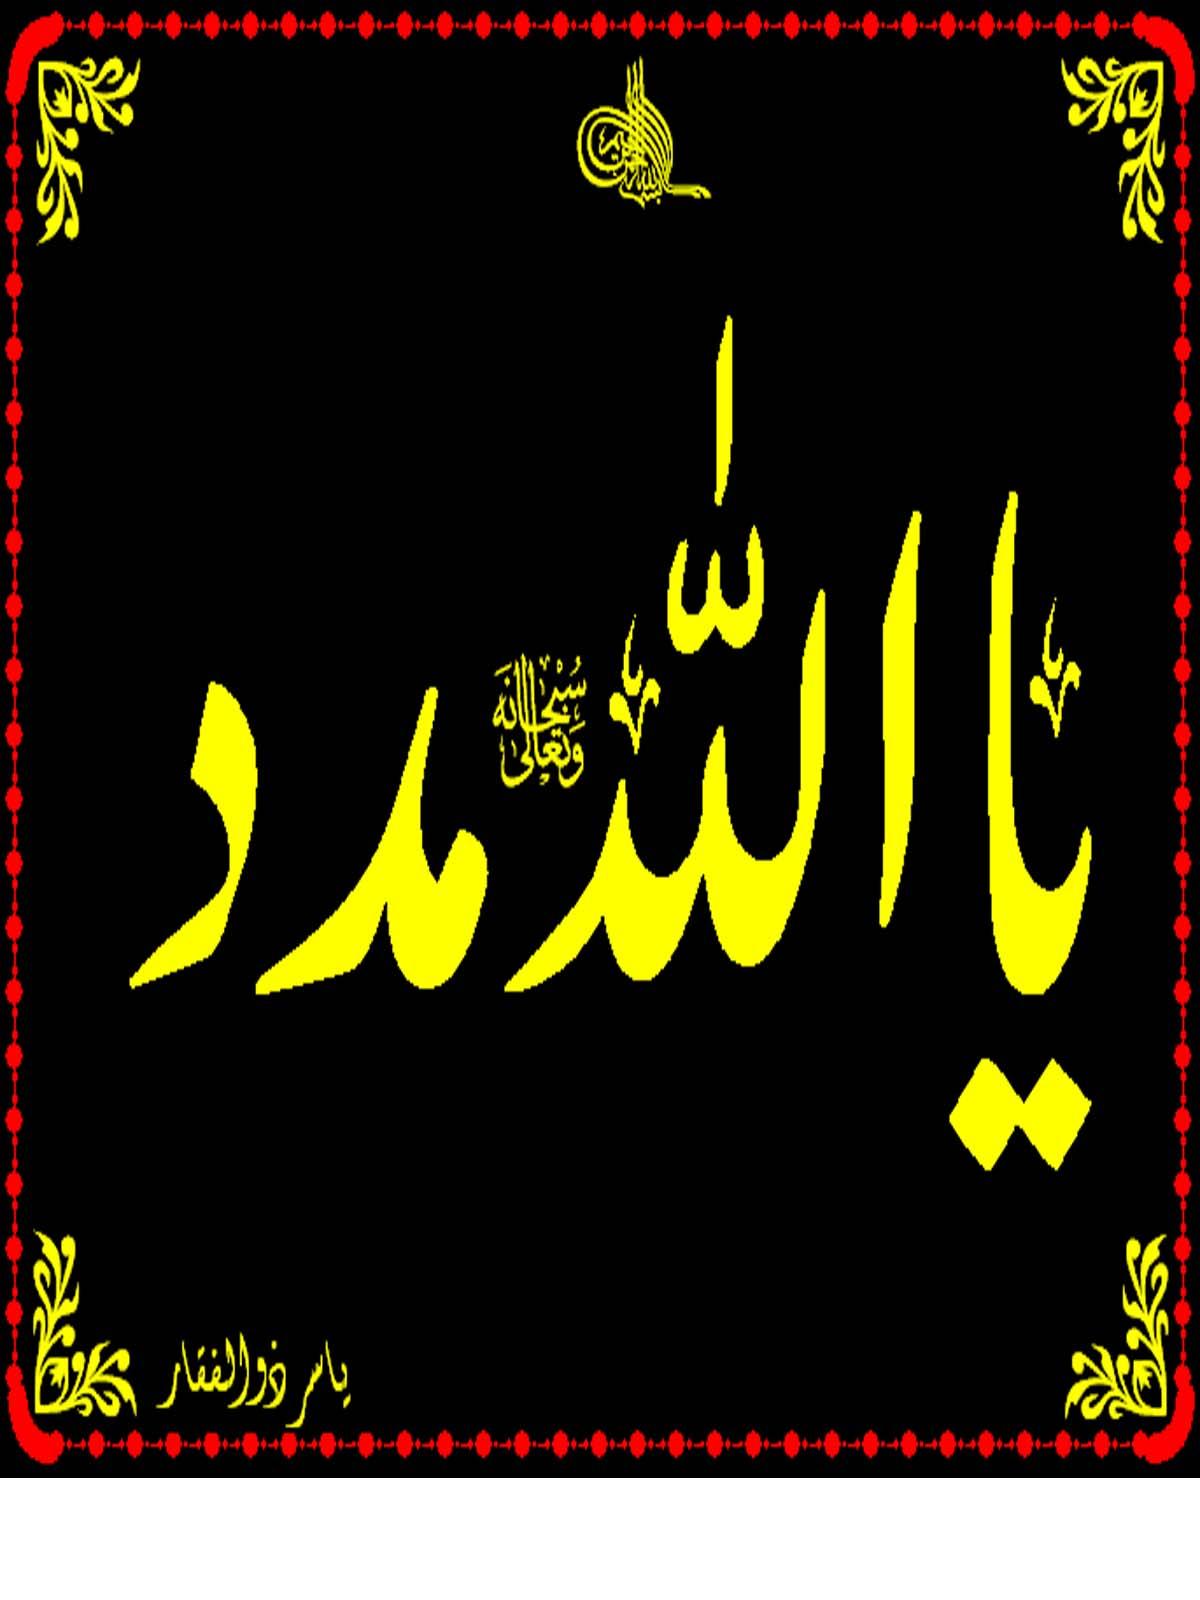 http://3.bp.blogspot.com/-XfsJWVvxLno/UL2czU6q4vI/AAAAAAAAA1Y/DrEKaqc640Y/s1600/YA+ALLAH+madat.jpg